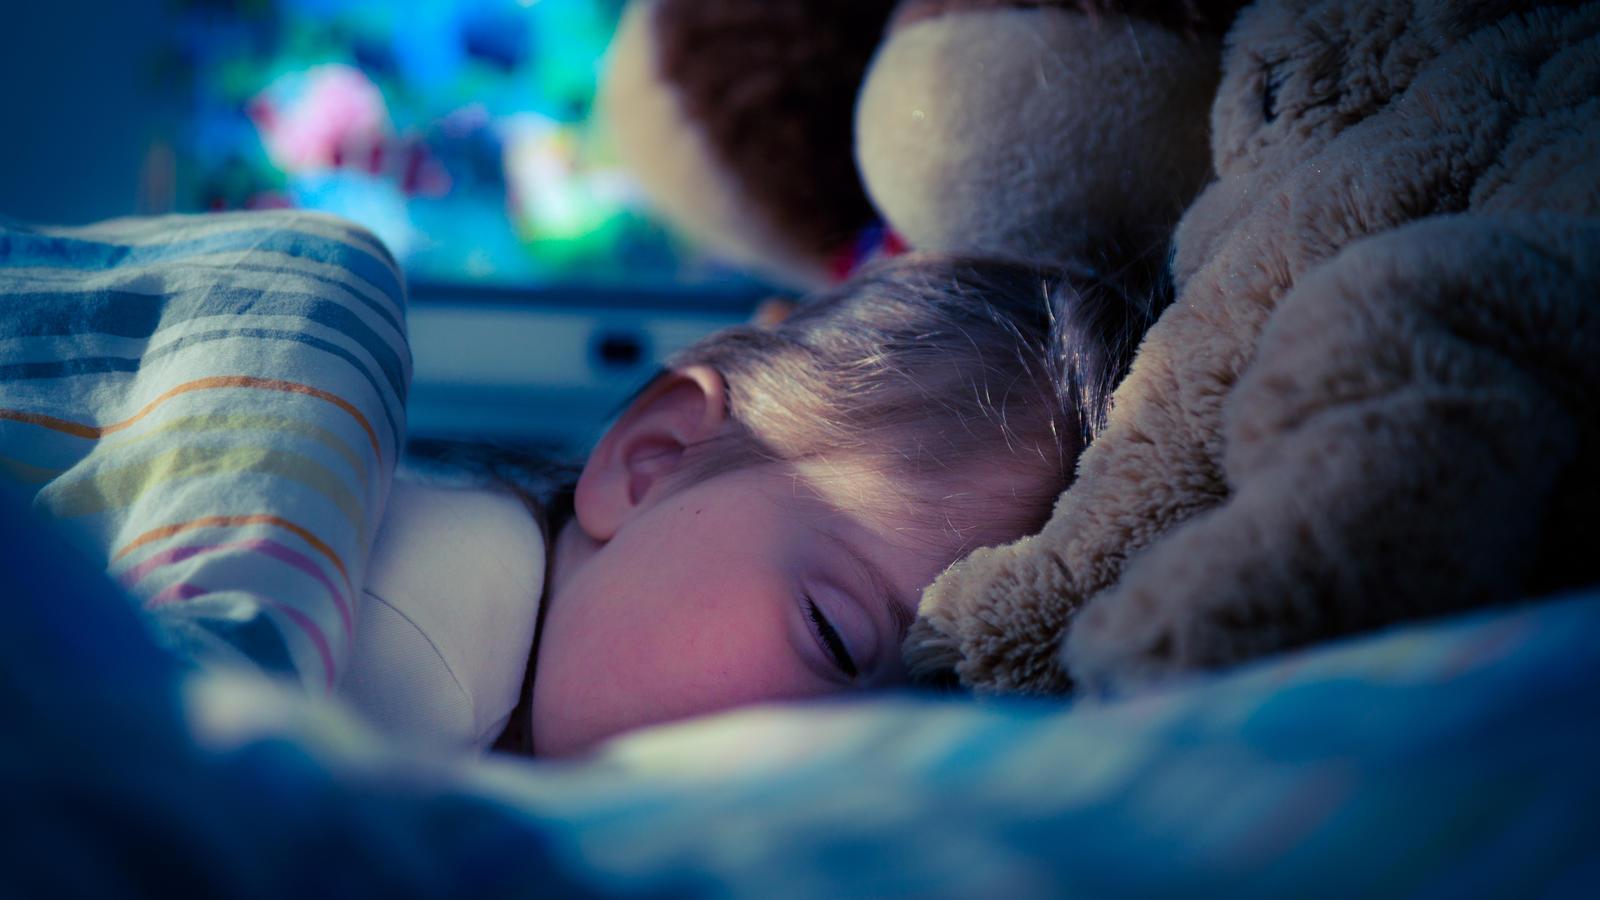 Die Polizei in Hessen ist als Babysitter eingesprungen und hat ein kleines Kind ins Bett gebracht. (Foto: Motivbild)